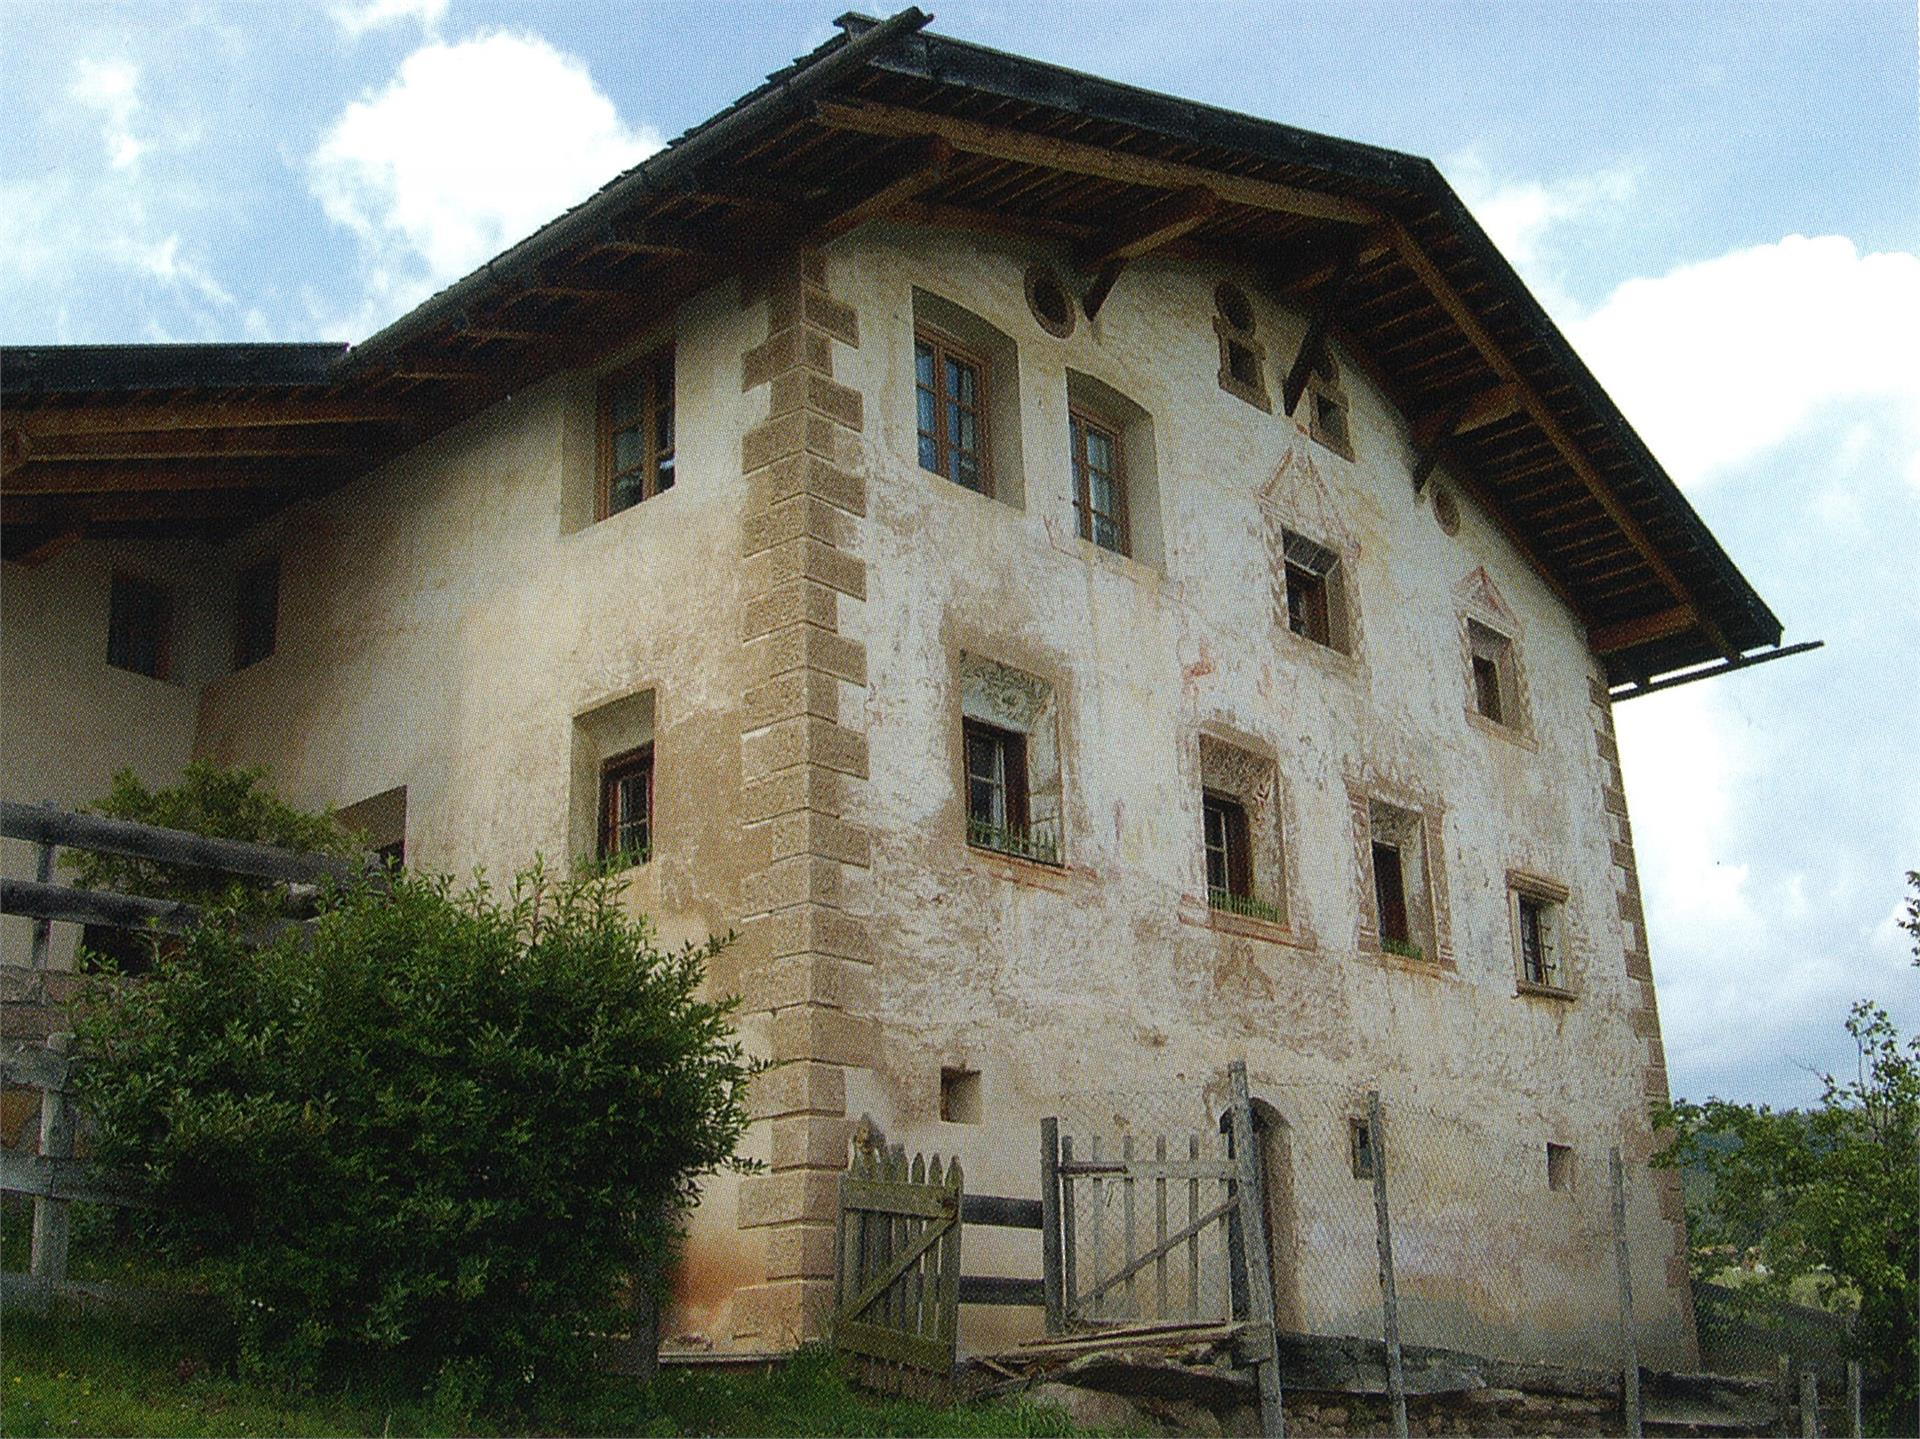 Schreiberhouse